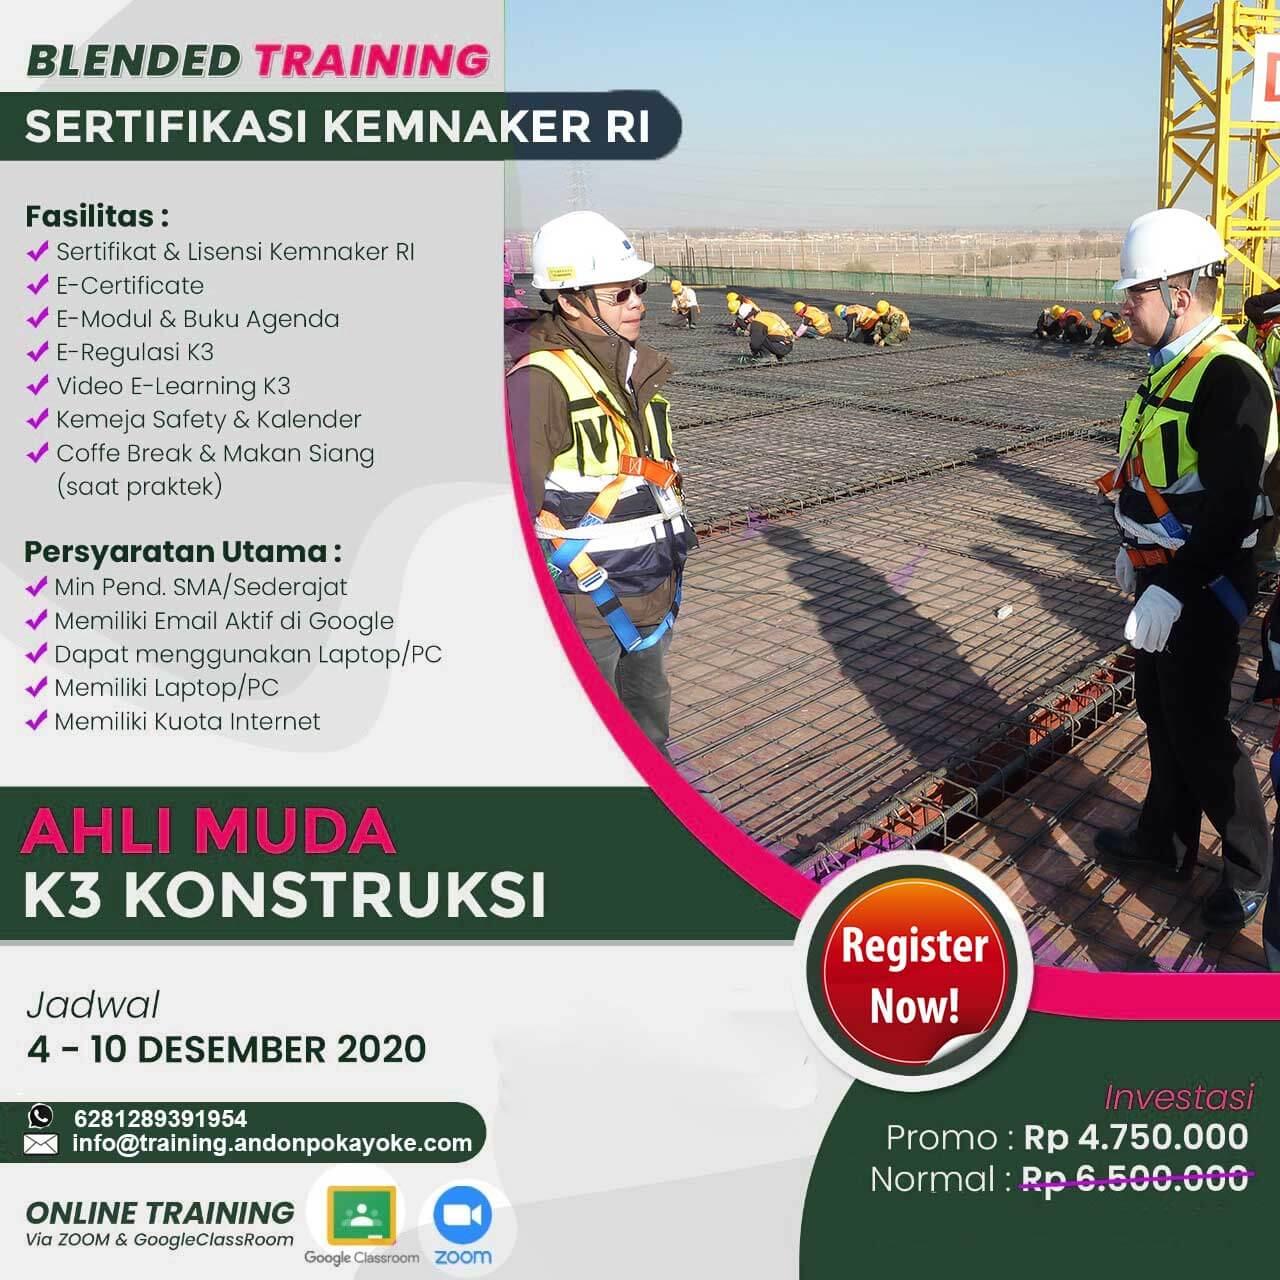 Blended Training Ahli Muda K3 Konstruksi Kemnaker